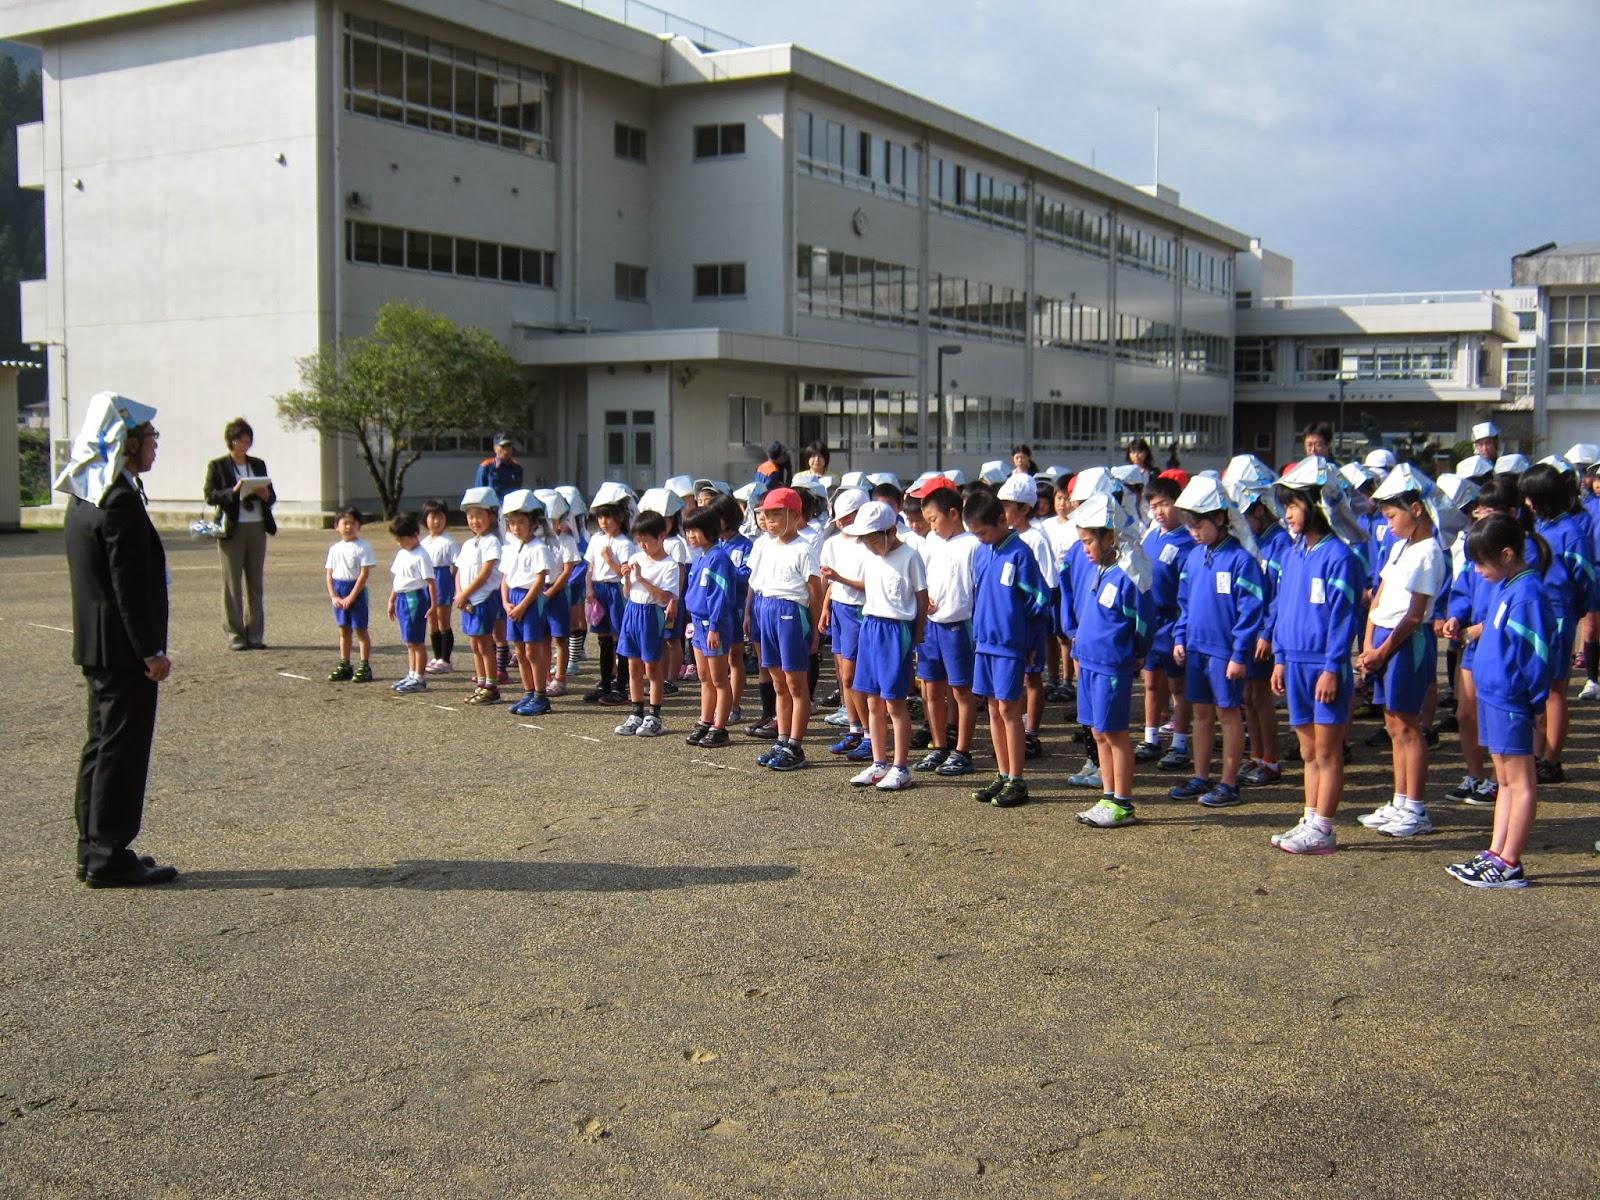 おおい町立名田庄小学校: 避難訓練がありました。 おおい町立名田庄小学... おおい町立名田庄小